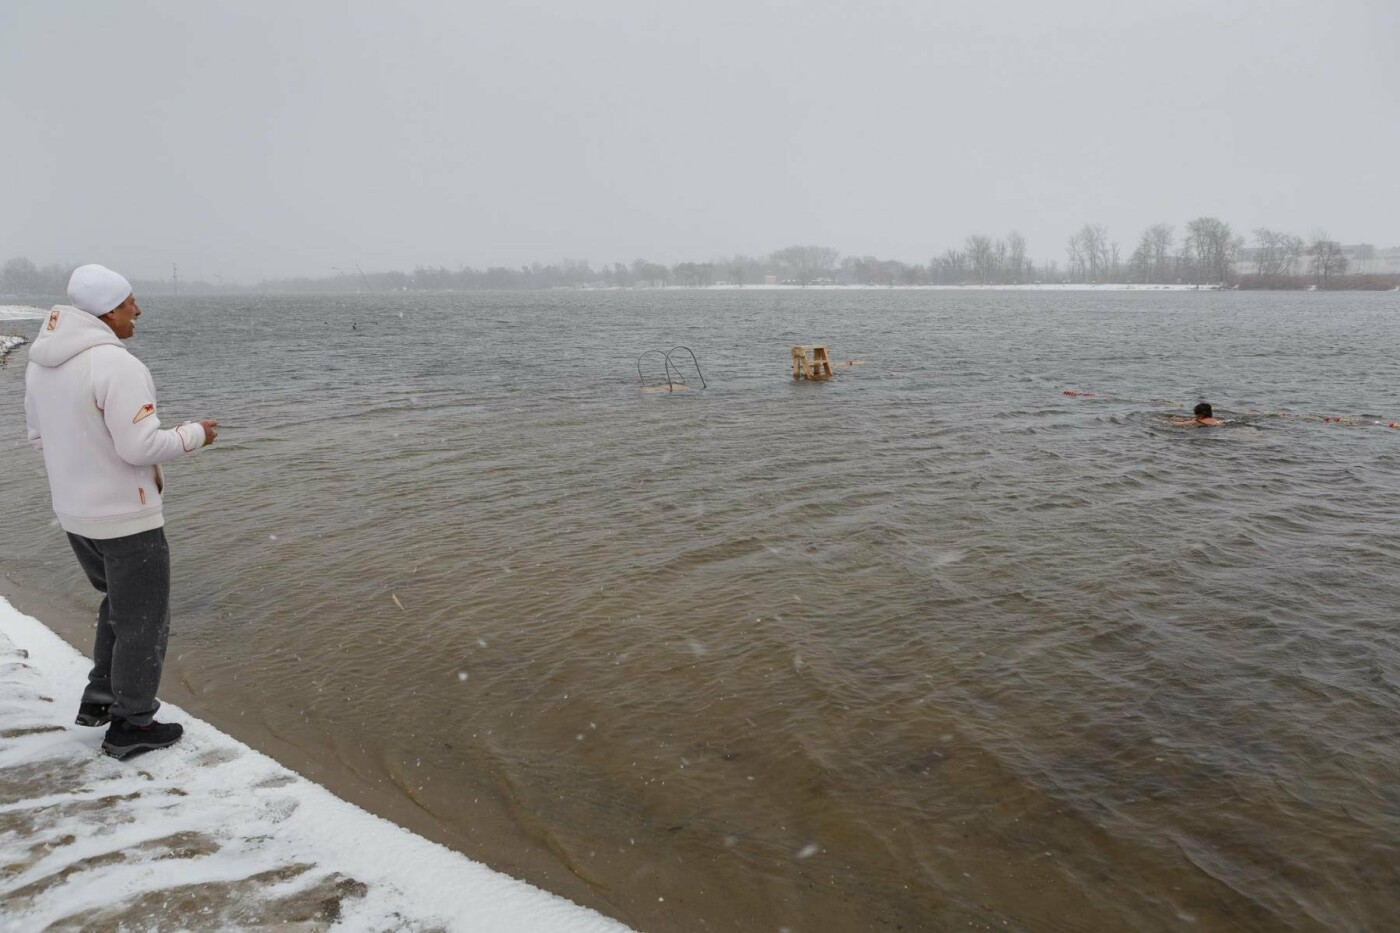 В Белгороде прошли соревнования по зимнему плаванию, фото-2